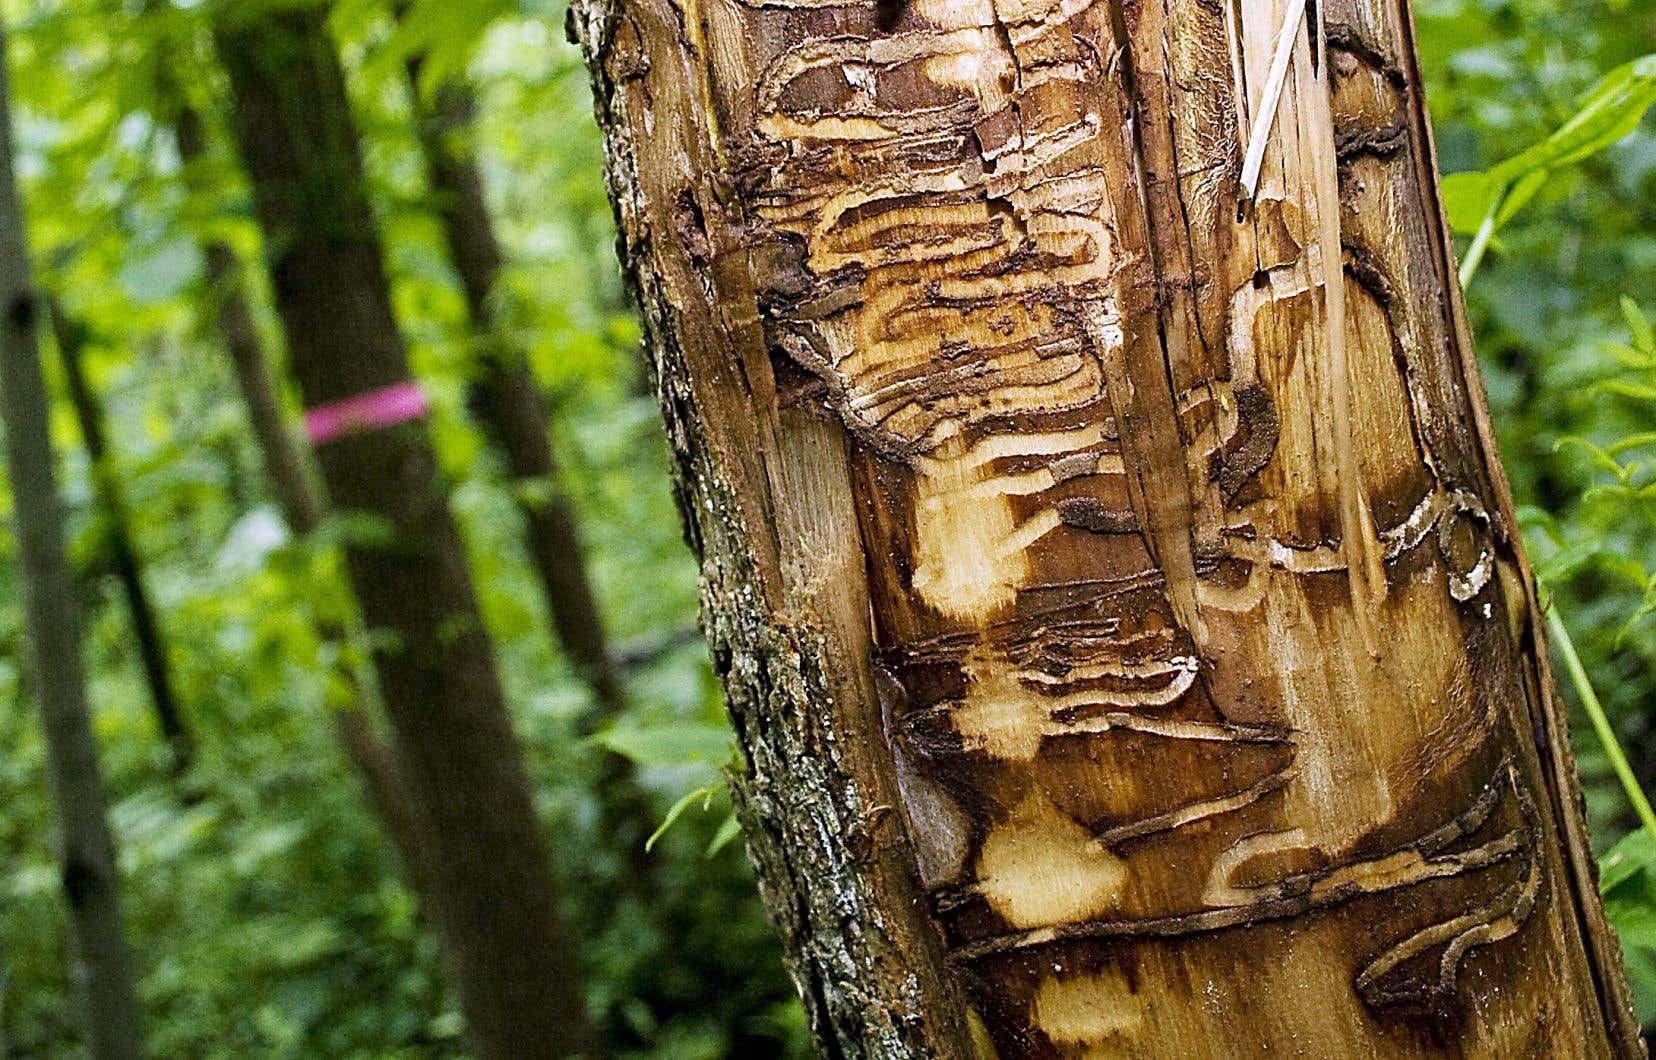 Les larves de l'agrile du frêne causent des dommages mortels aux arbres en creusant des galeries en forme de serpentin dans le bois pour s'alimenter.